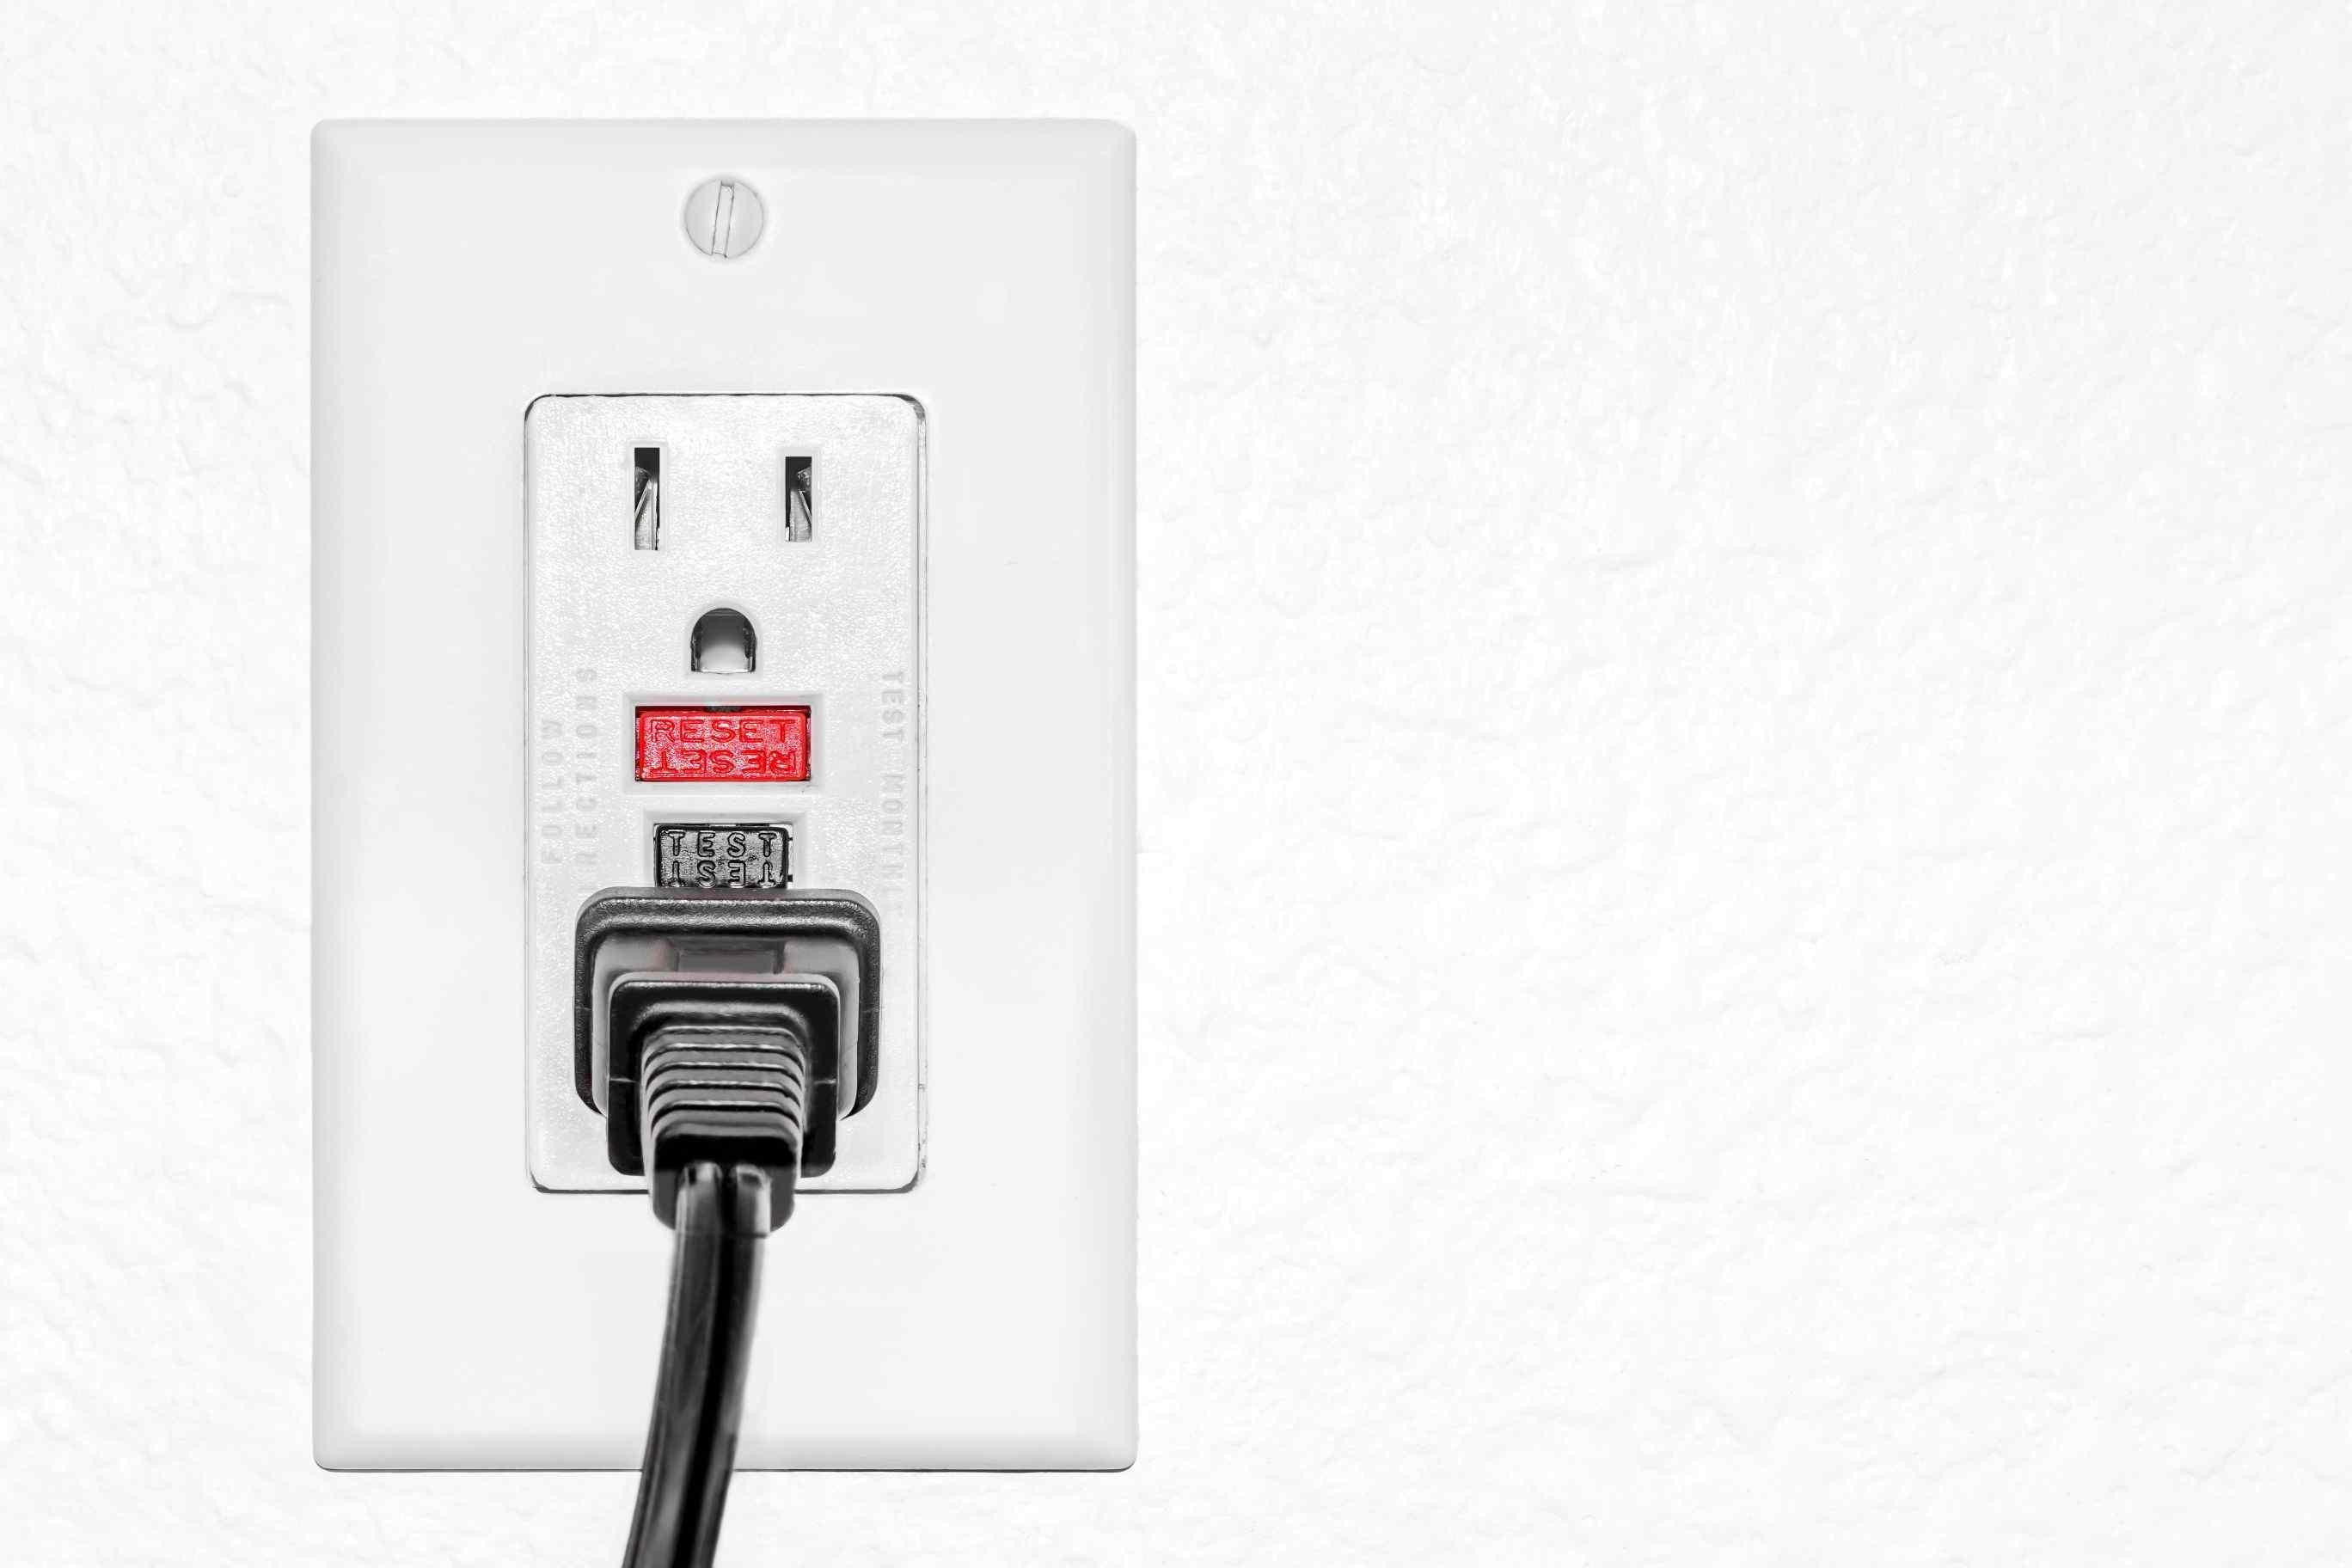 220V electrical outlets